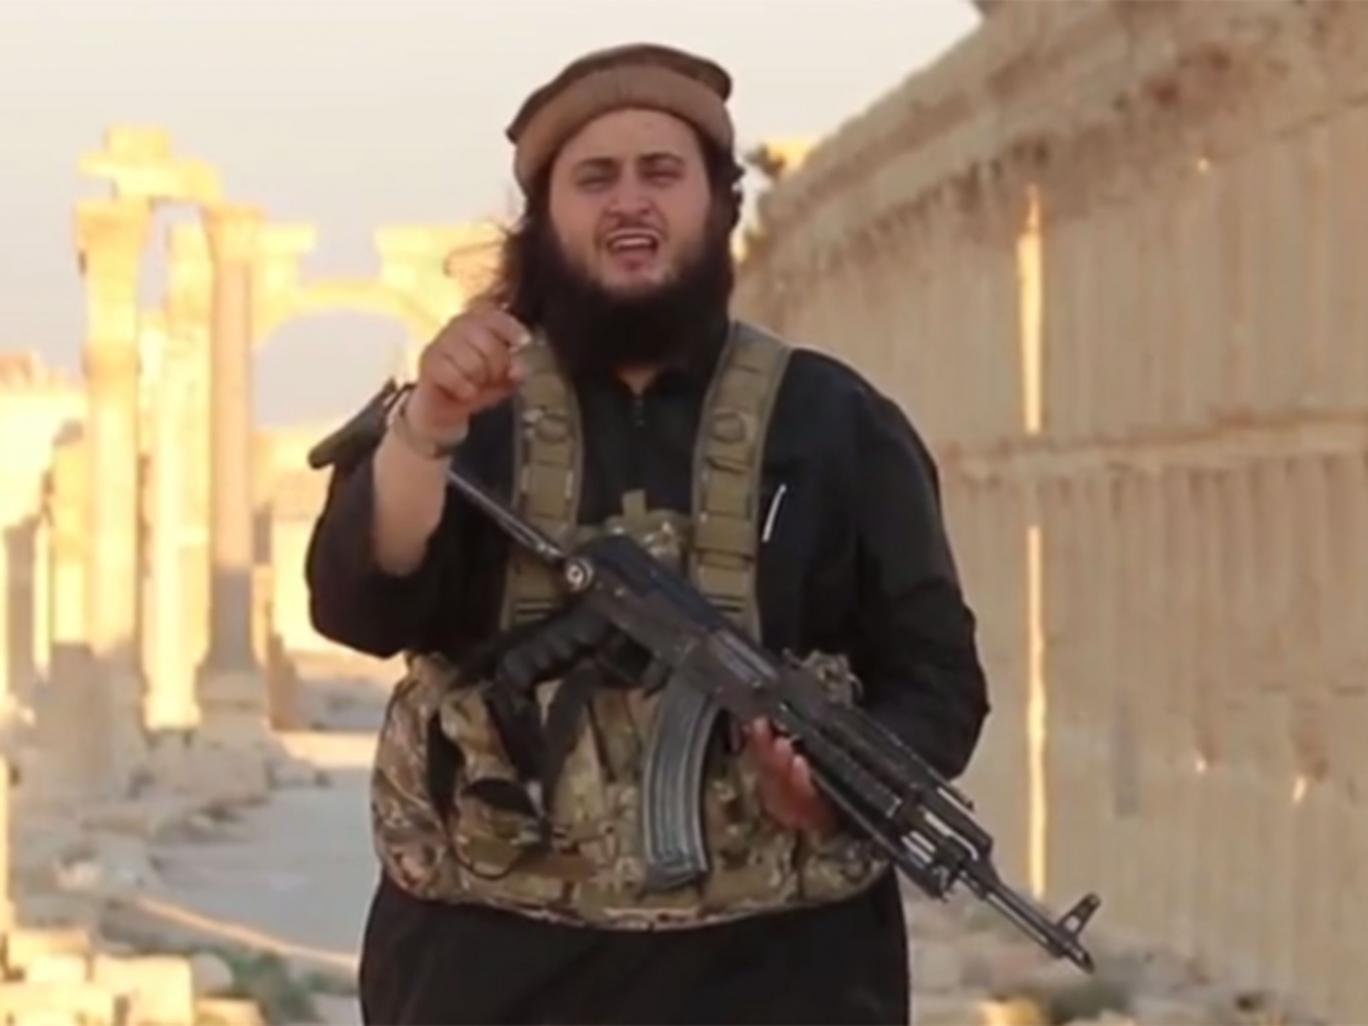 Harry S nói rằng anh đã chứng kiến các vụ thảm sát do một tay súng cực đoan người Áo thuộc tổ chức khủng bố IS là Mohamed Mahmoud (trong ảnh) tiến hành tại Palmyra.